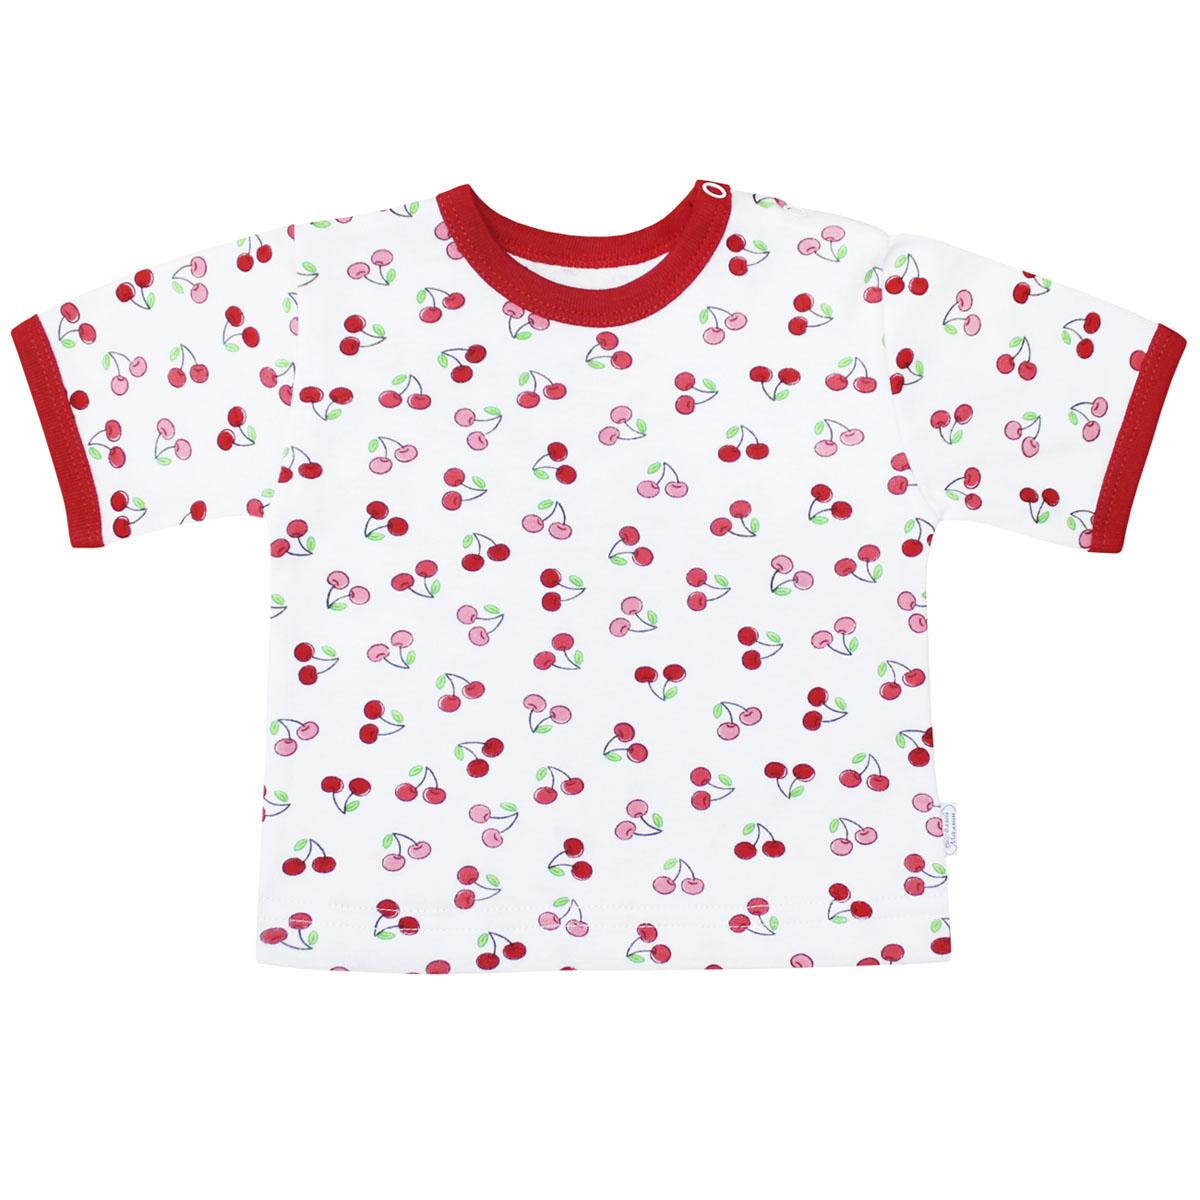 Футболка для девочки Веселый малыш Спелая вишня, цвет: белый, красный. 67322/св-C (1). Размер 6867322Футболка для девочки выполнена из качественного материала. Модель с круглым вырезом горловины и короткими рукавами.